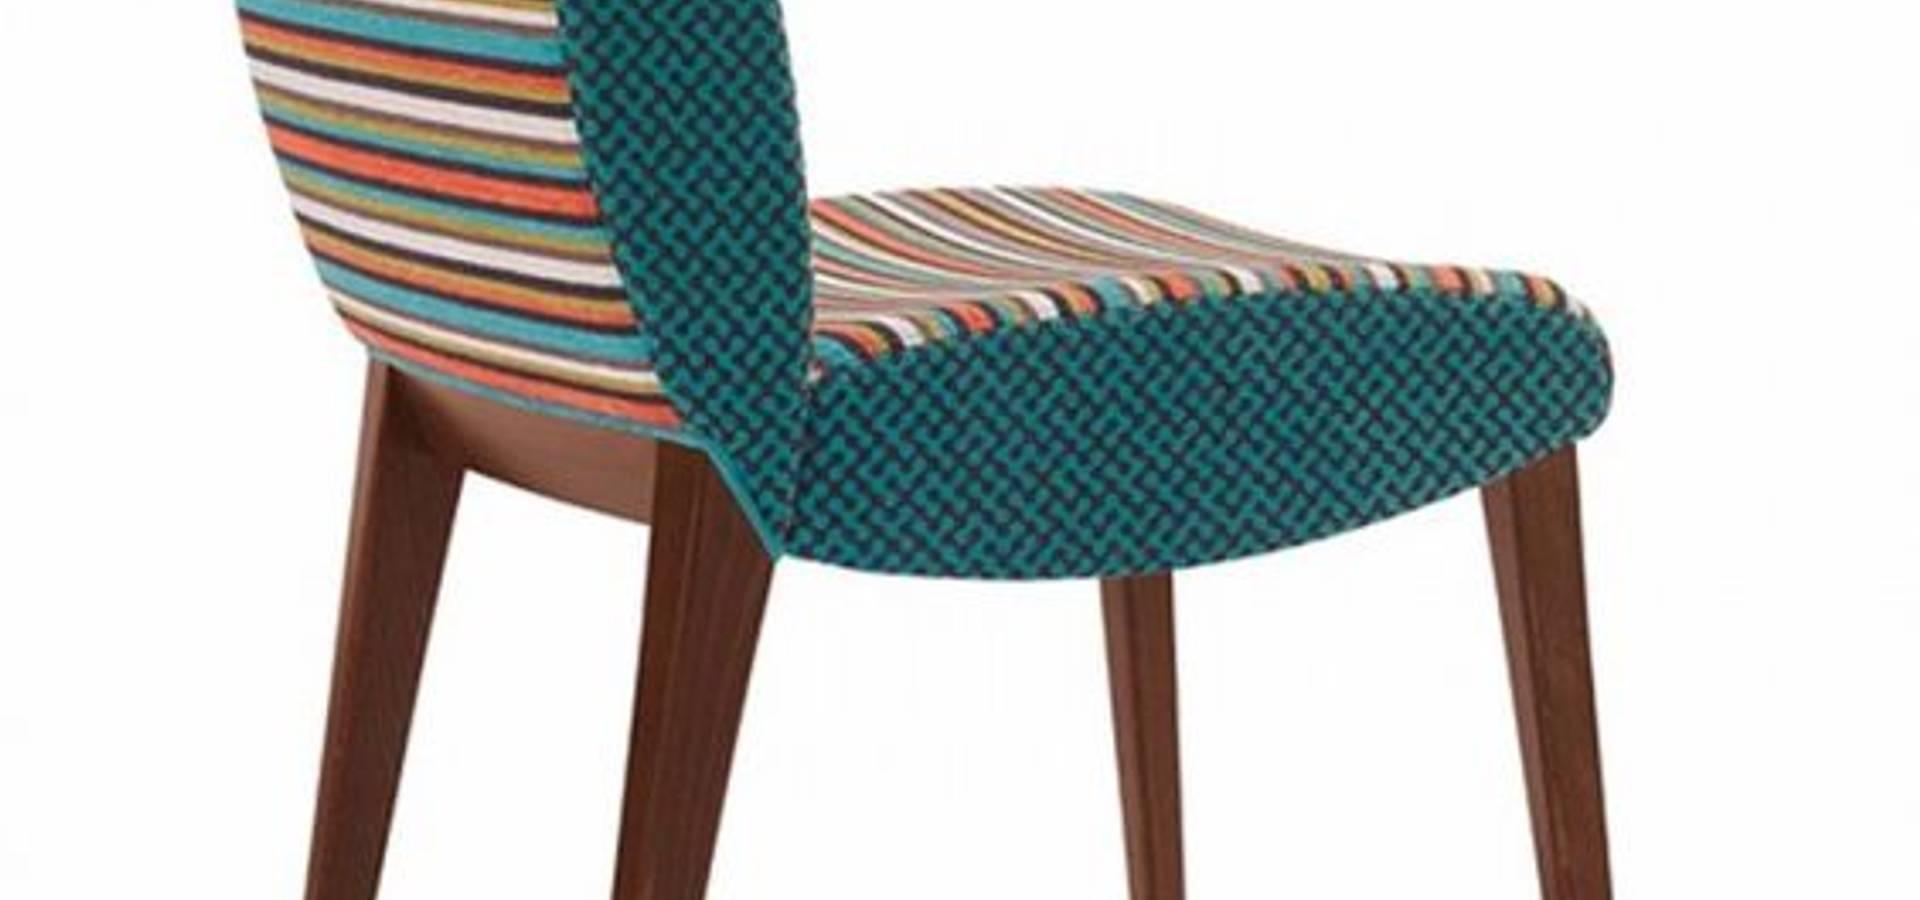 Loftchair muebles y accesorios en rivas vaciamadrid homify - Muebles anticrisis rivas vaciamadrid ...